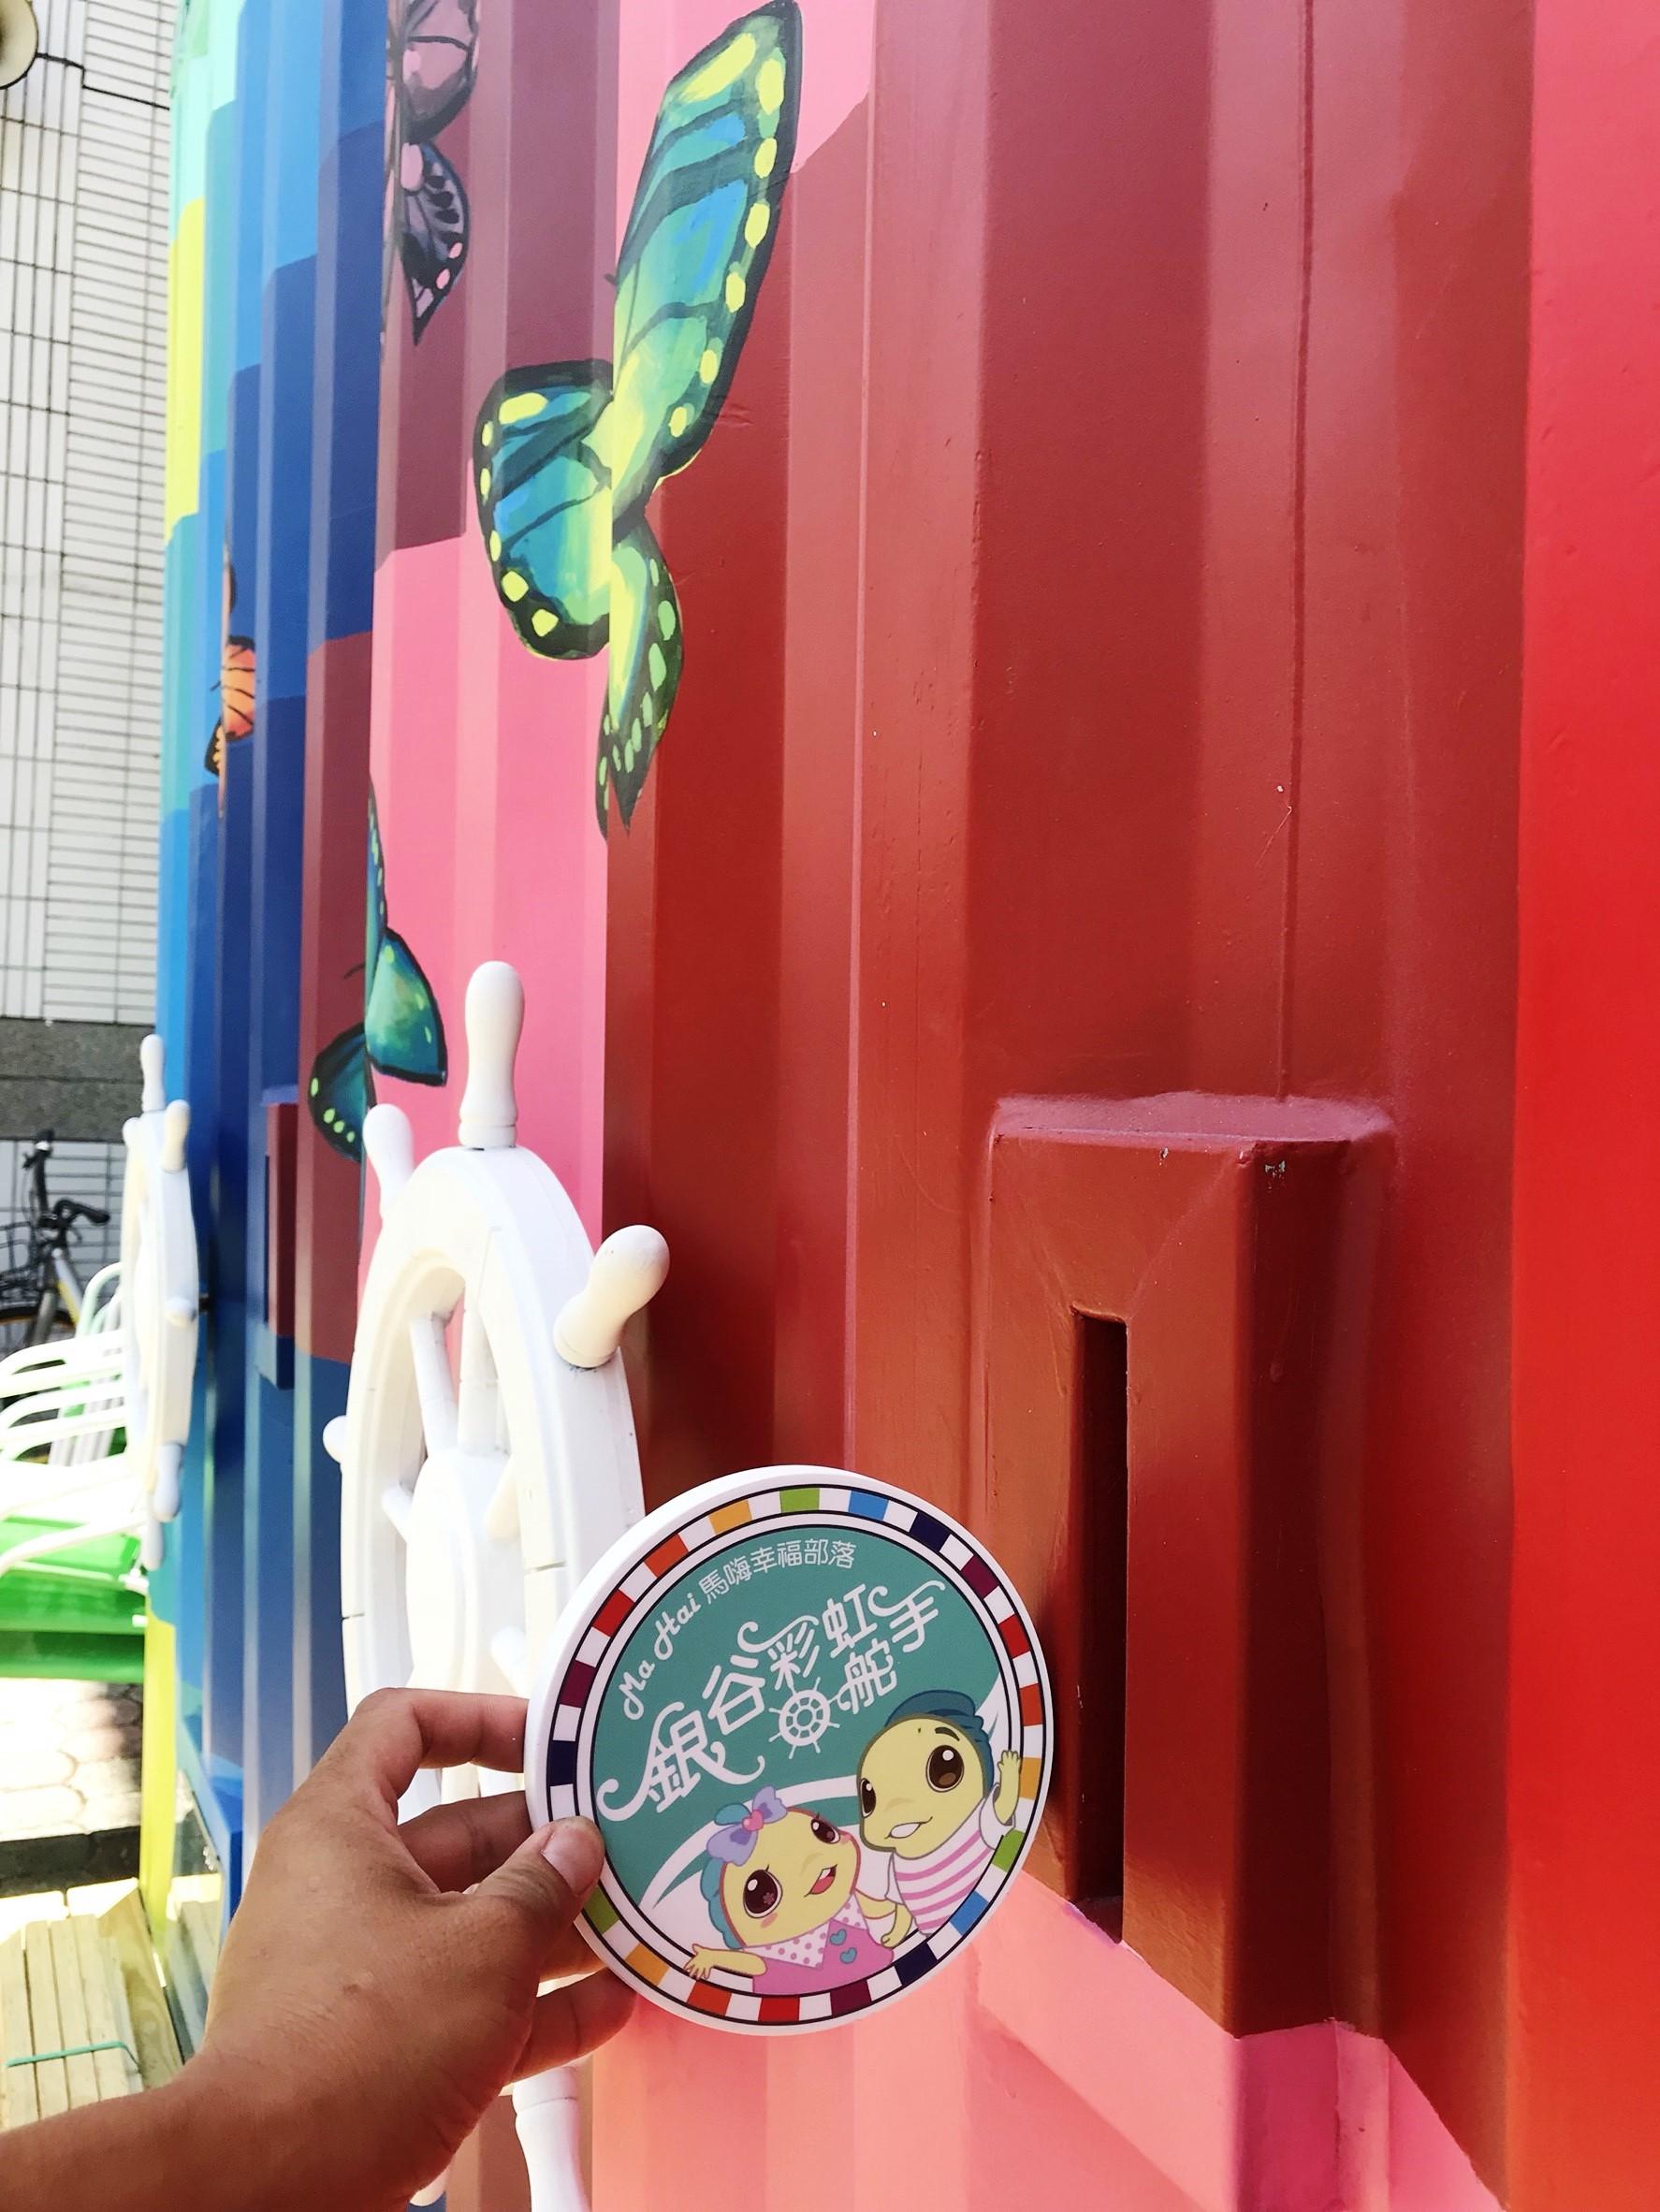 台東巨型扭蛋機超級巨大就在台東富岡漁港[Mahai馬嗨幸福部落]